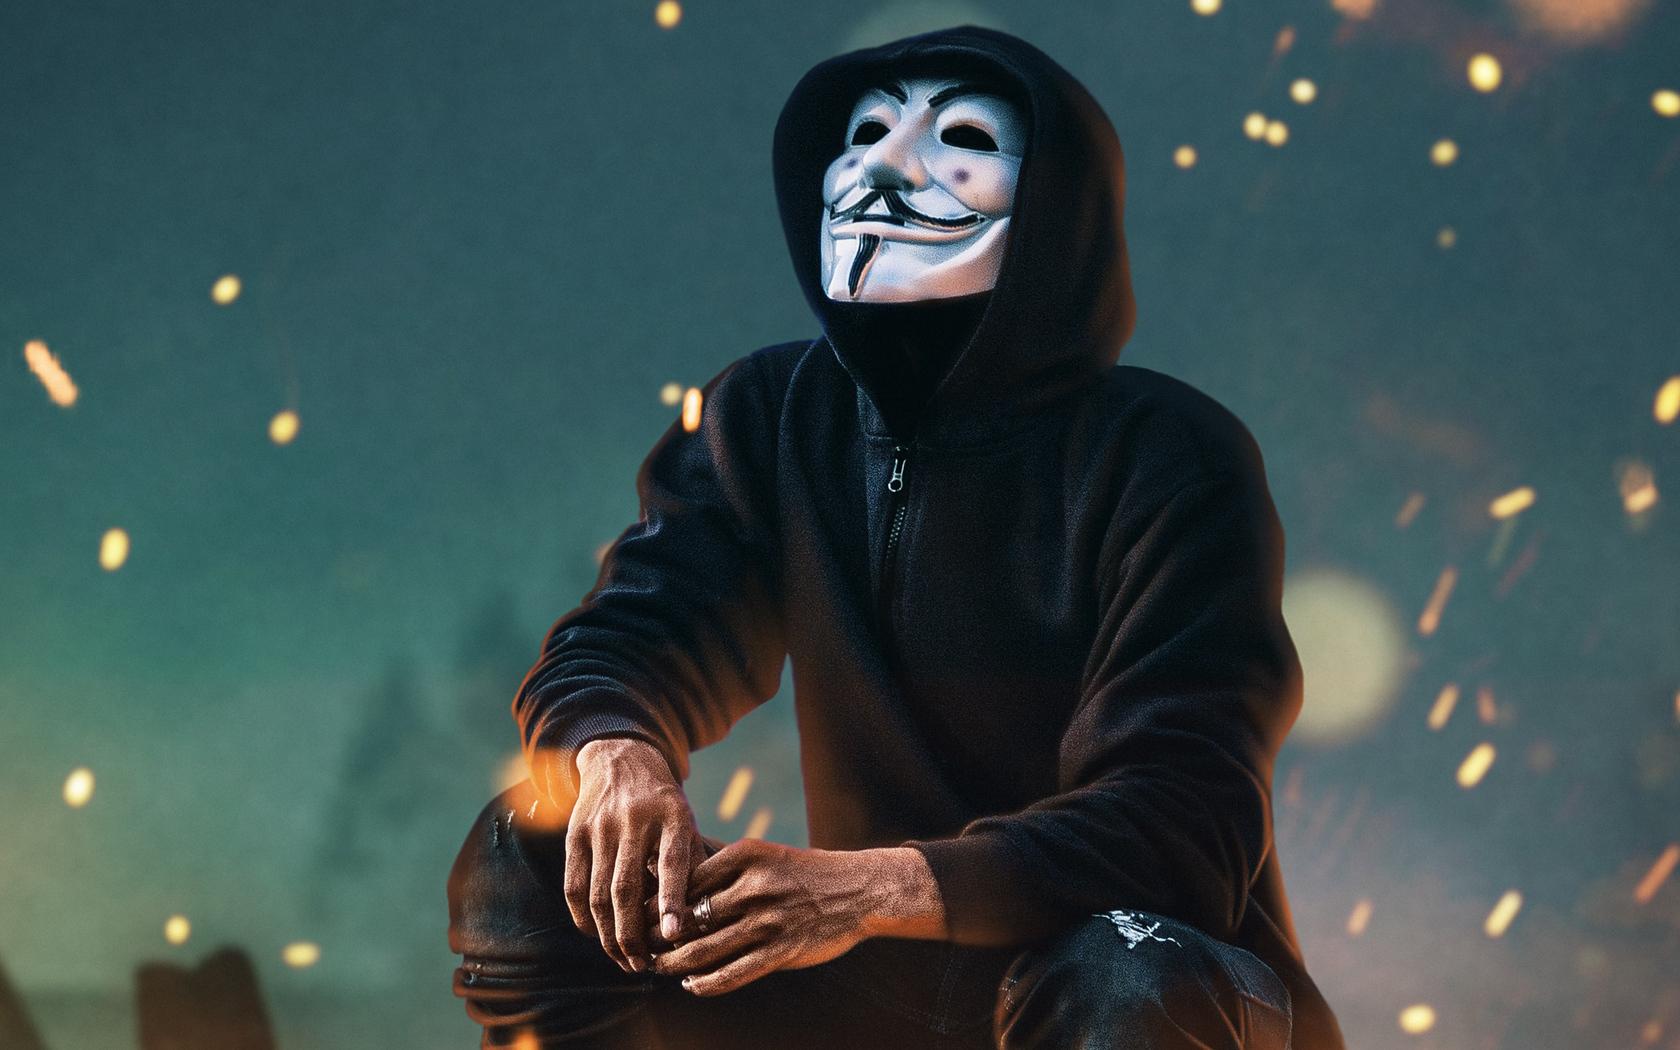 mask-guy-anonymus-4k-6w.jpg